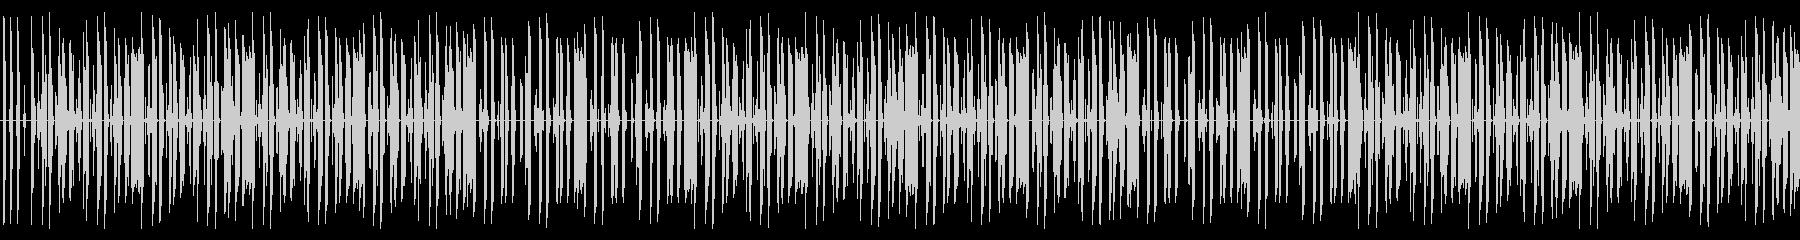 軽快なキレイめヒップホップBGMの未再生の波形